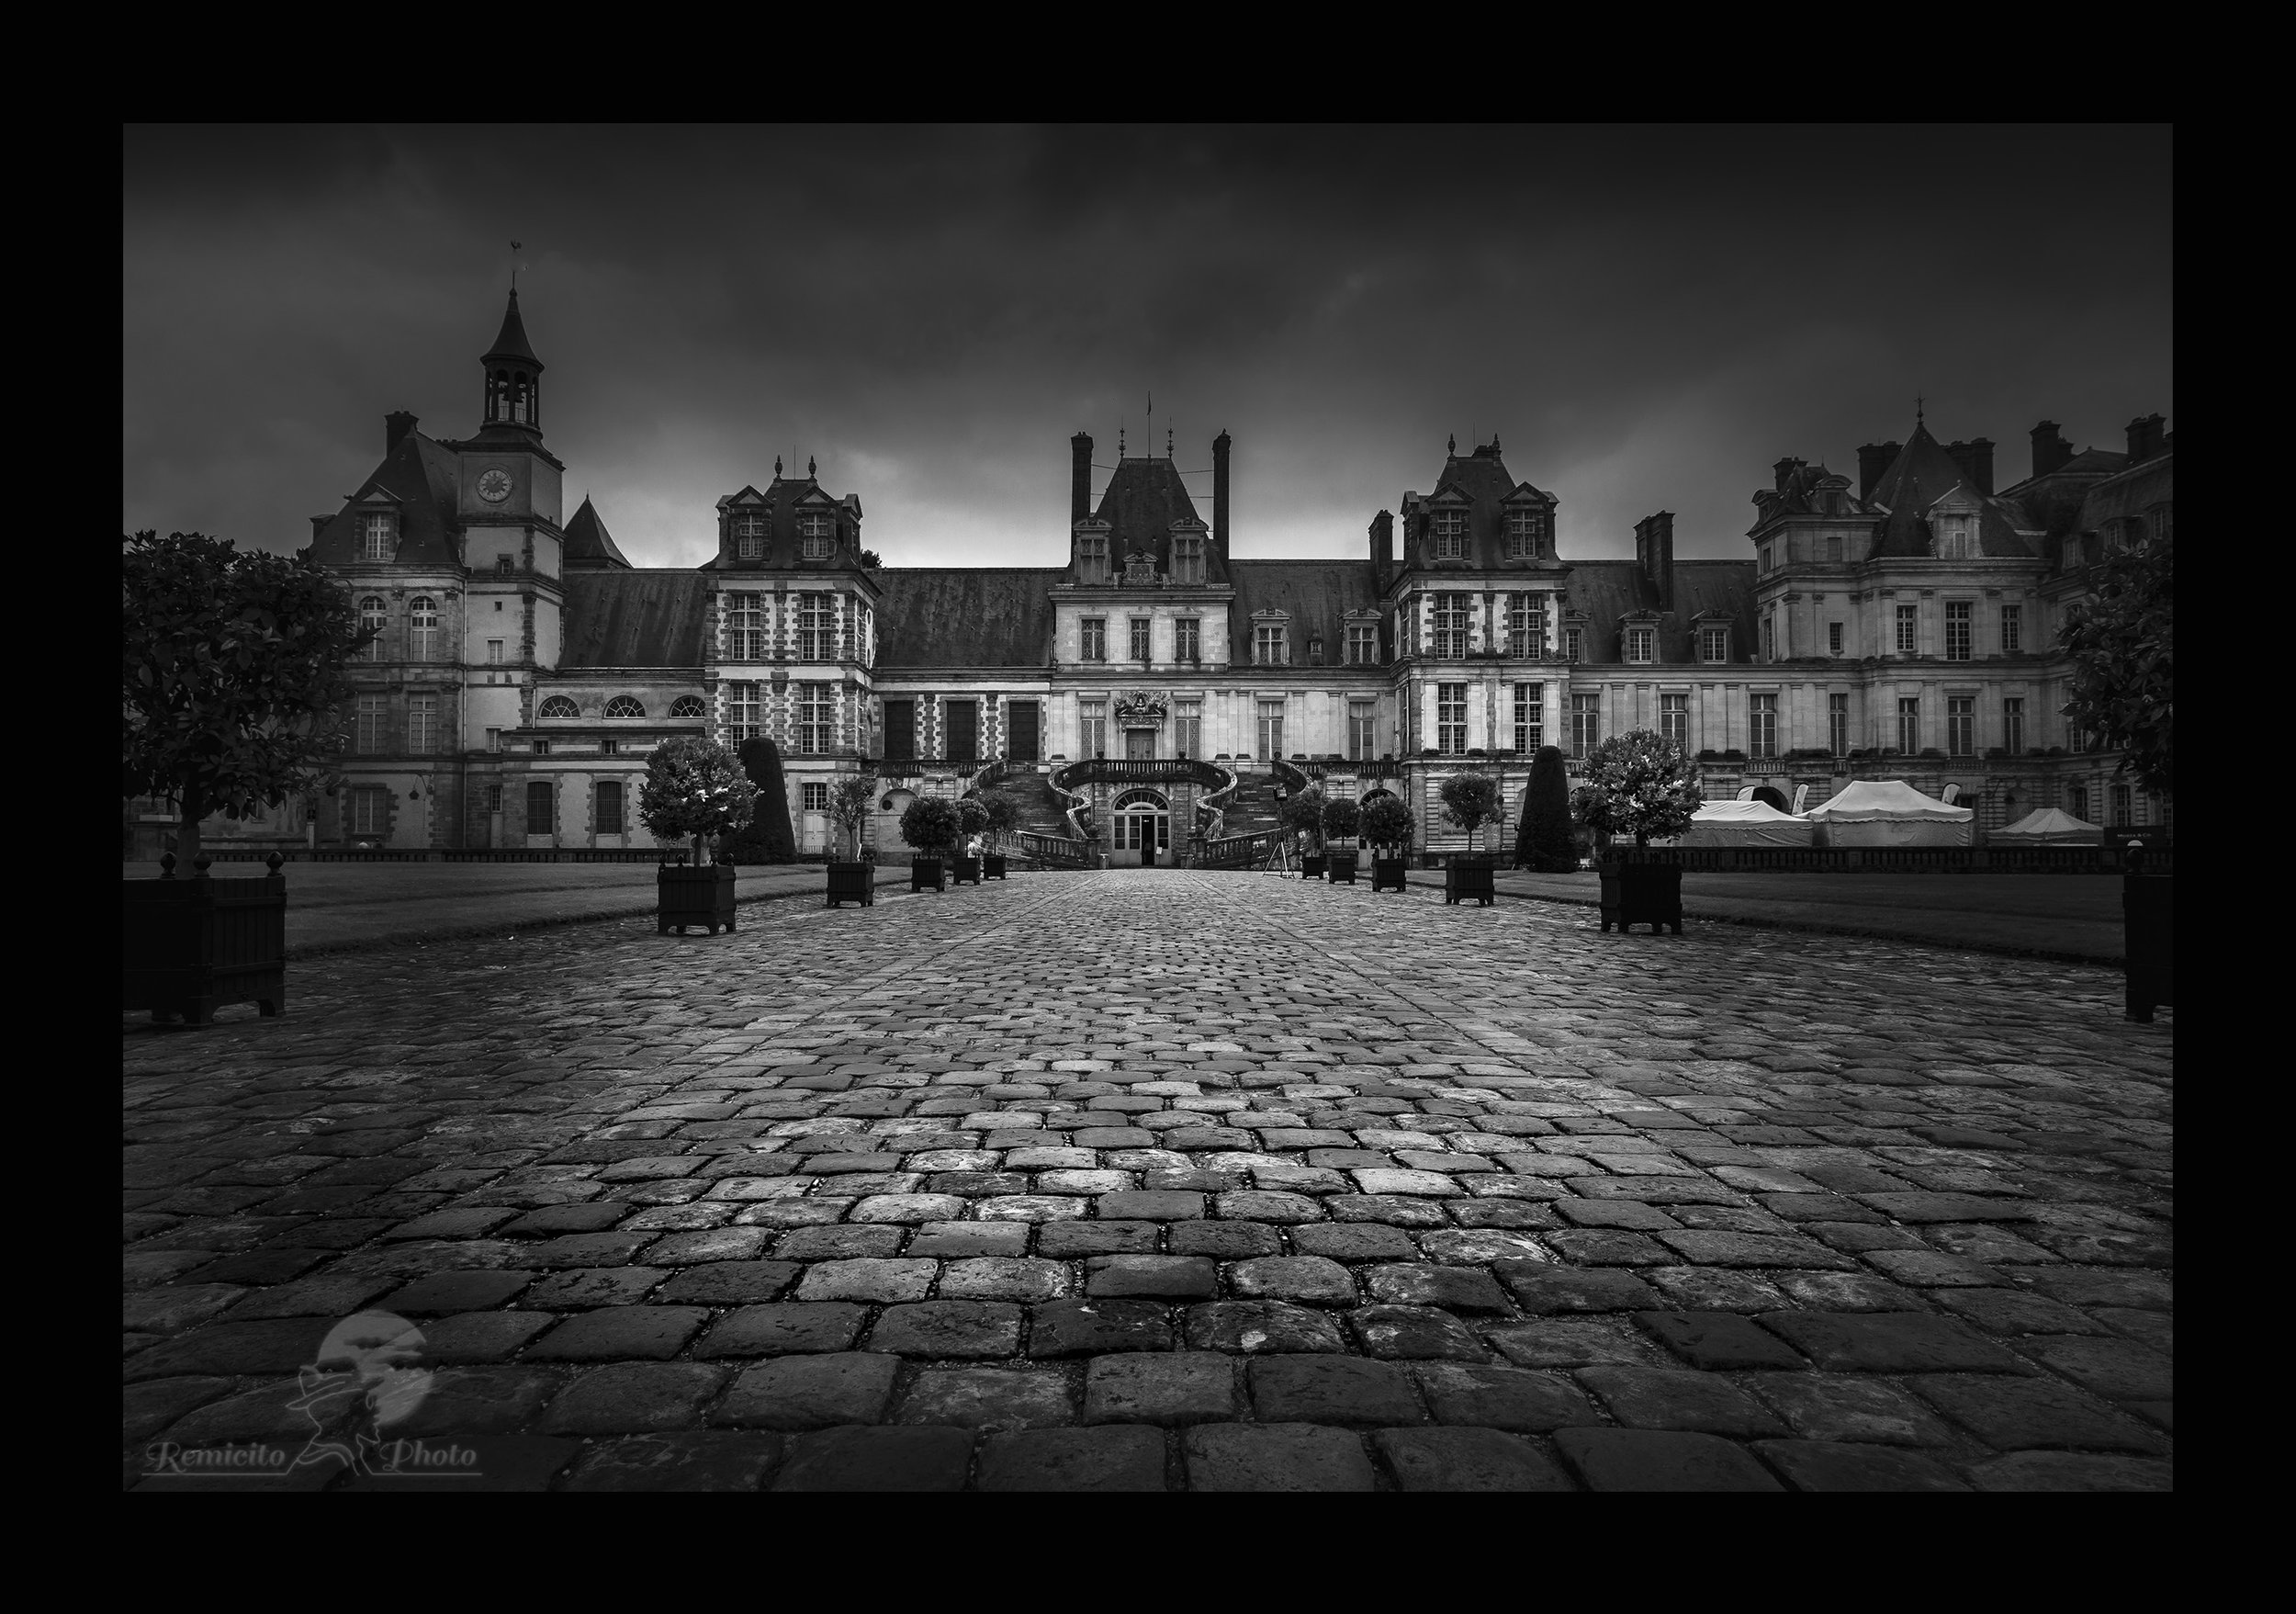 remicito photo, image du jour, photo du jour, idée cadeau, idée déco, gift idea, belle photo château, French castel, belle photo noir et blanc, acheter photo noir et blanc, acheter photo château, château de Fontainebleau